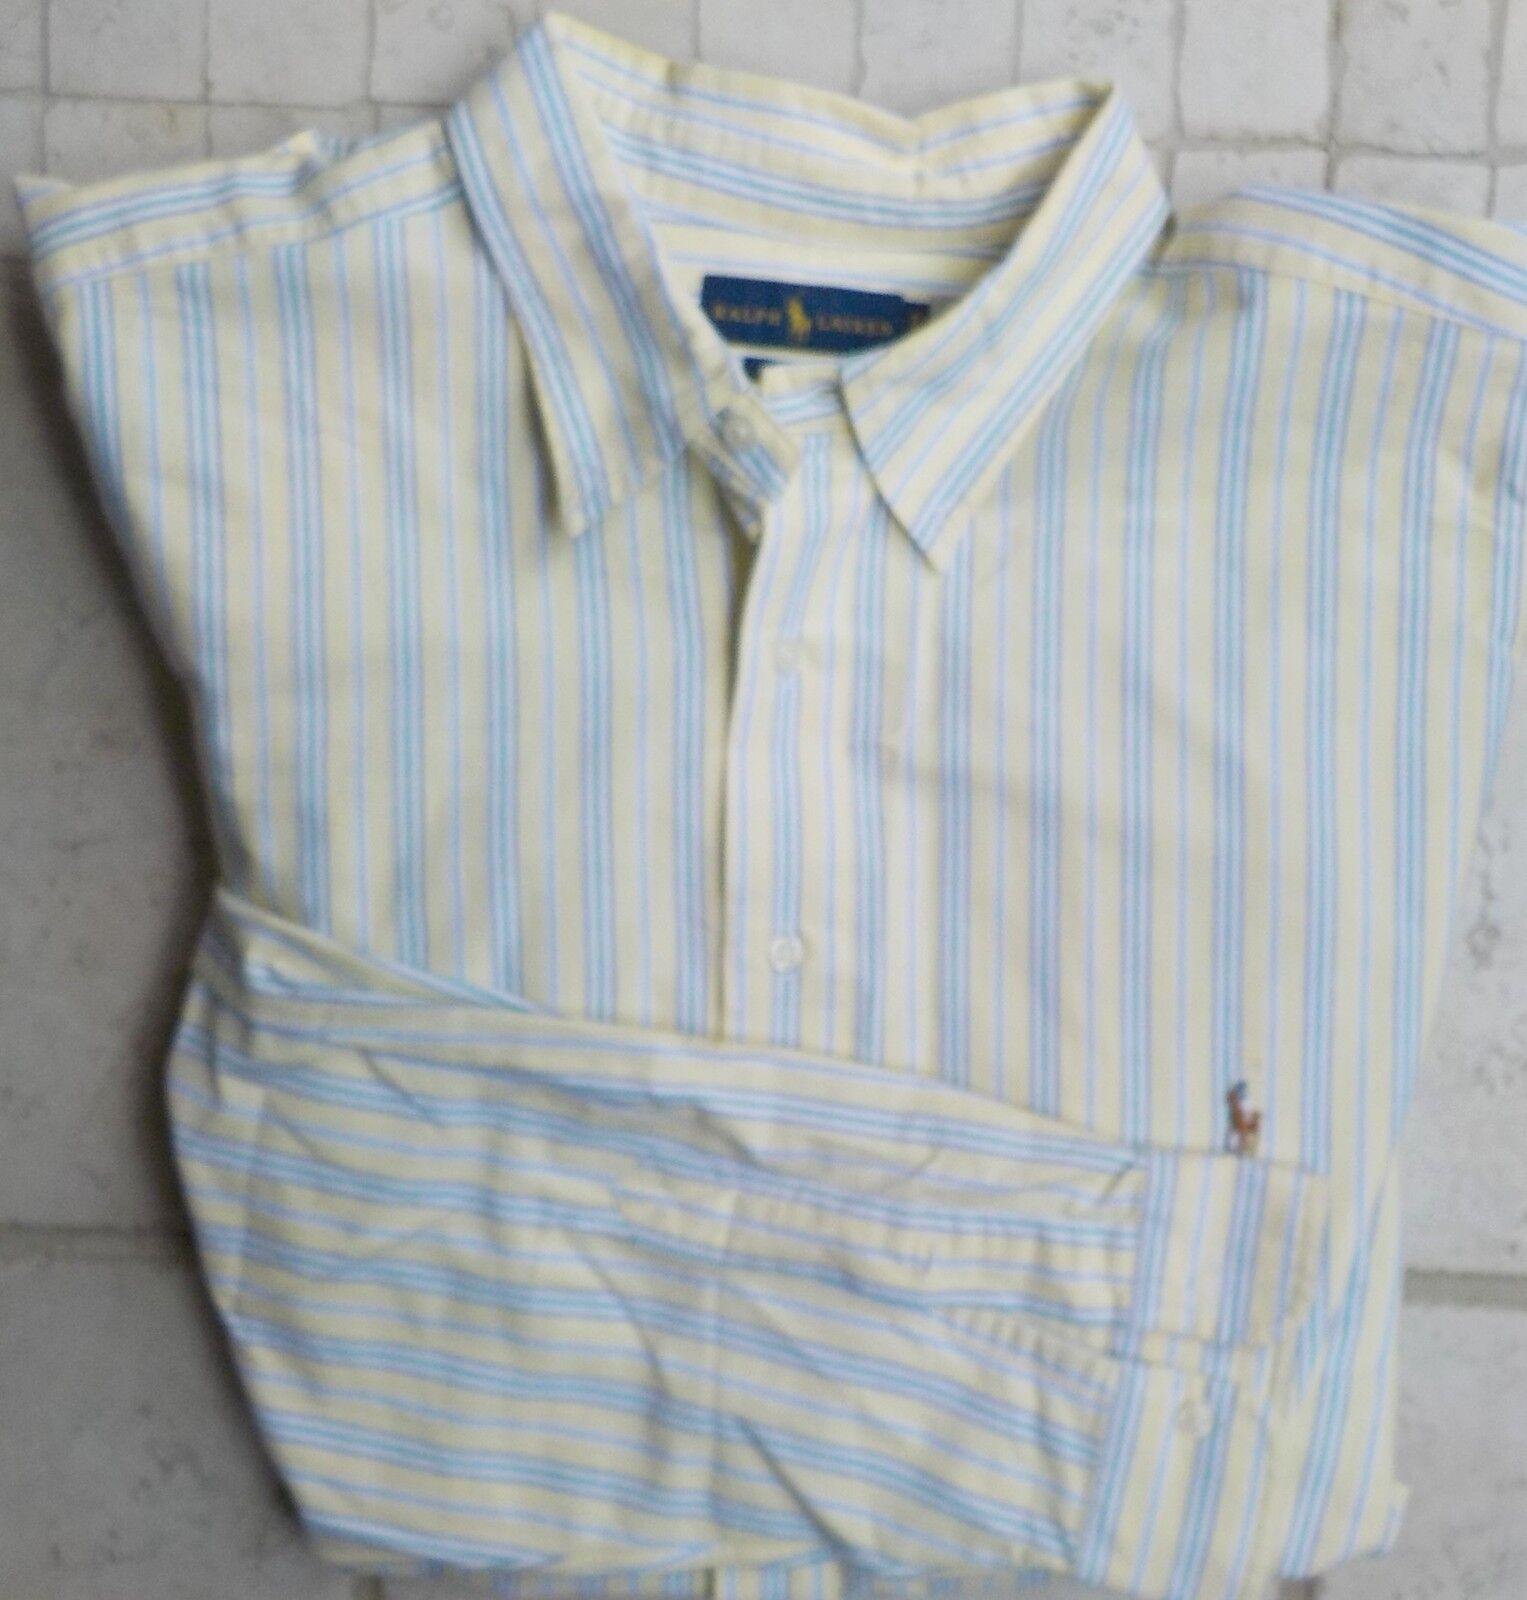 Ralph Lauren Striped 100% Cotton Button Down Shirt Classic Fit 2XLT Yellow, bluee